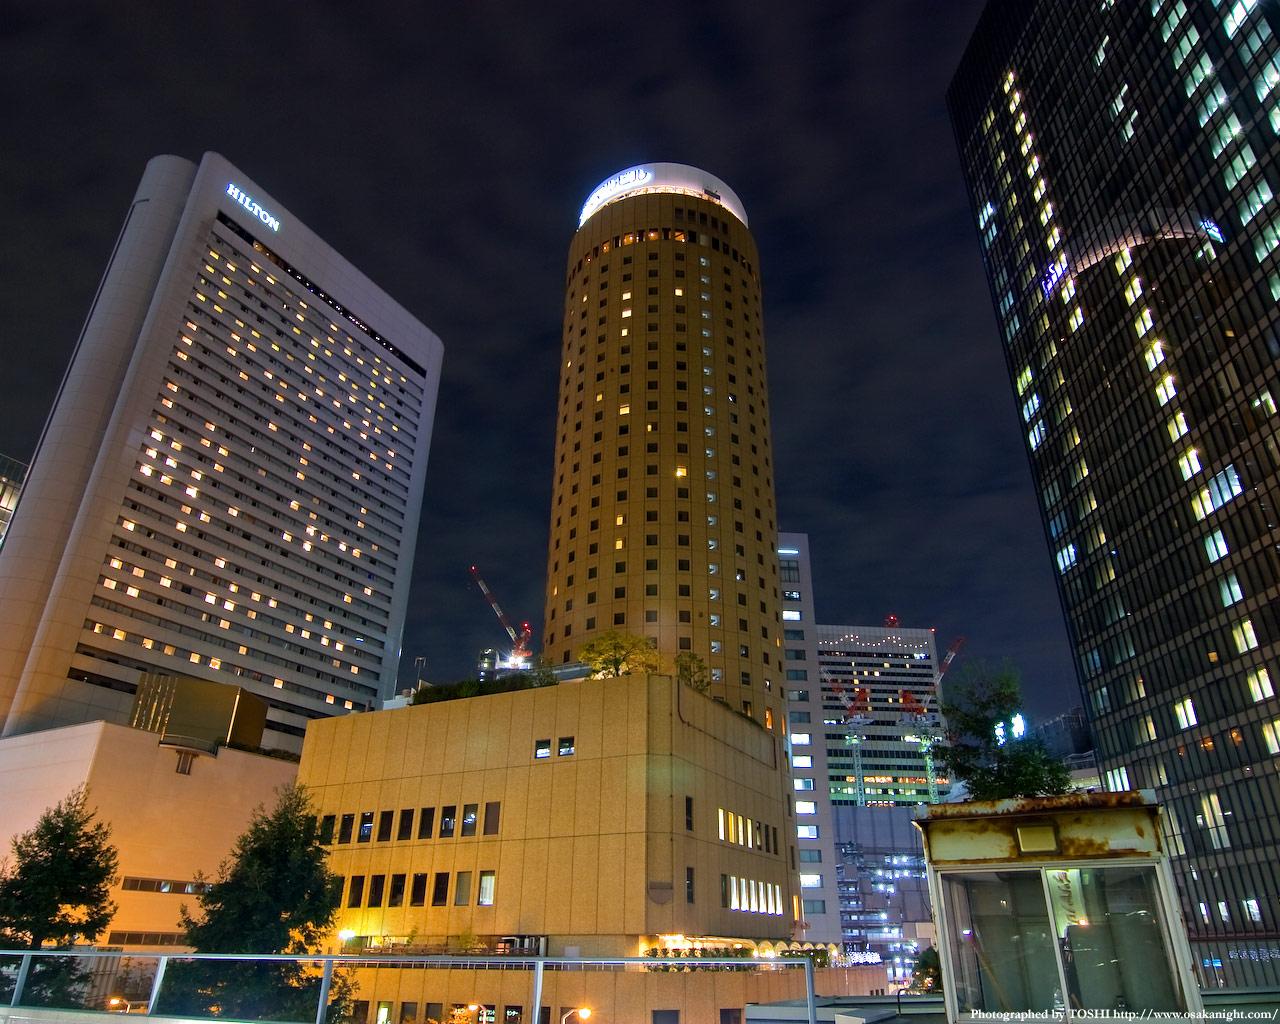 大阪マルビル夜景